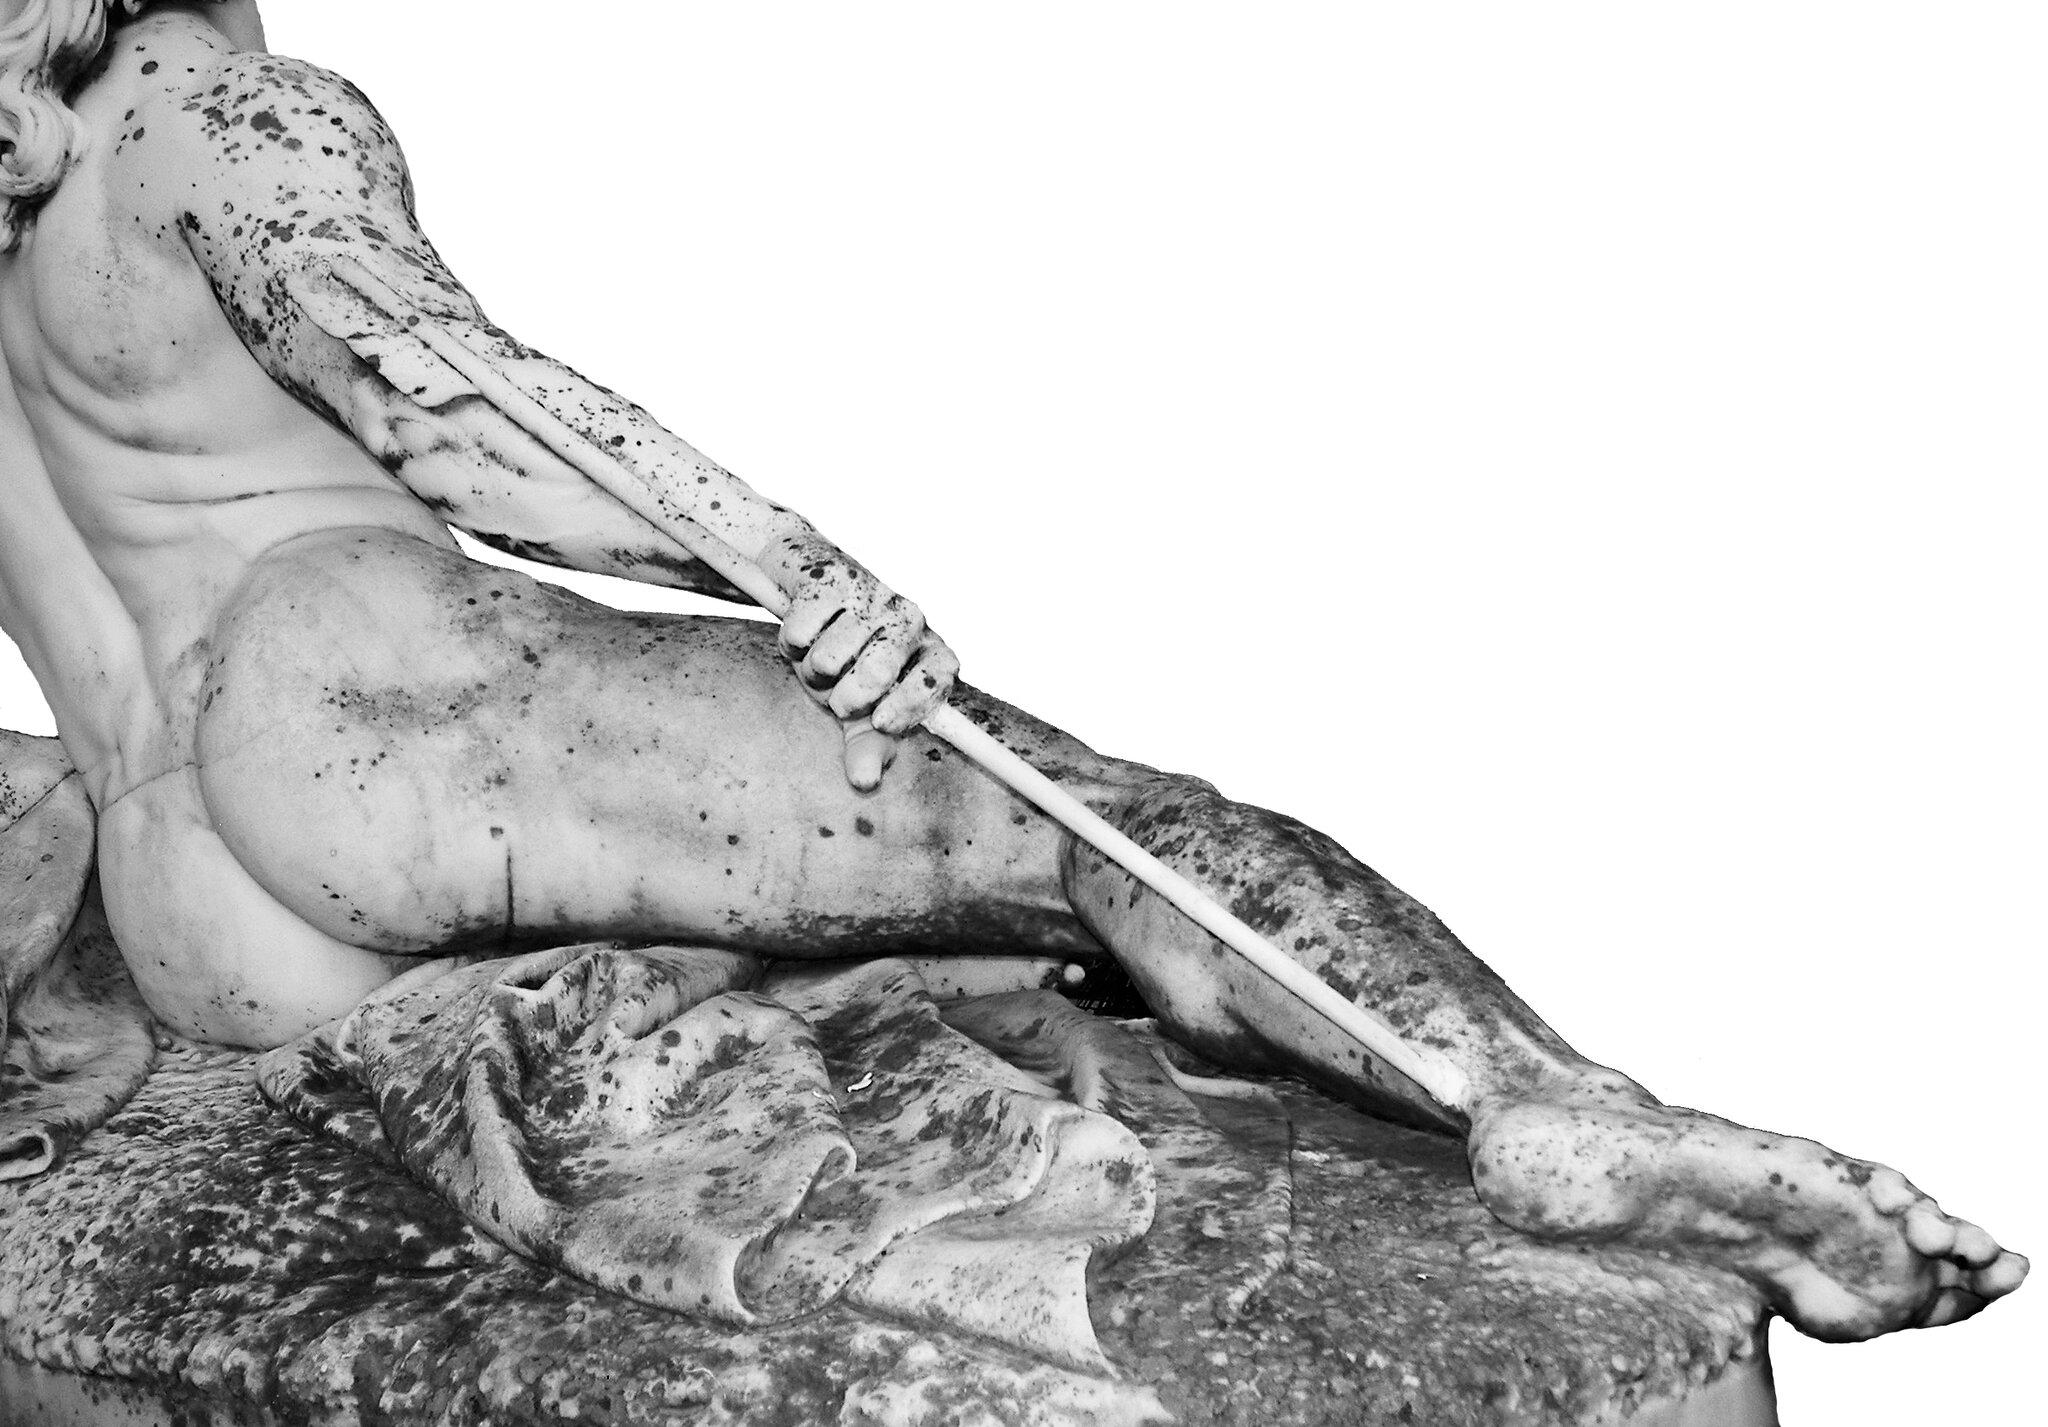 Umierający Achilles Jedynym miejscem, wktóre można było śmiertelnie ugodzić Achillesa, byłapięta. Według jednej zlegend udało się to Parysowi. Źródło: Ernst Herter, Umierający Achilles, 1884, rzeźba, Achilleion, Corfu, licencja: CC BY-SA 3.0.